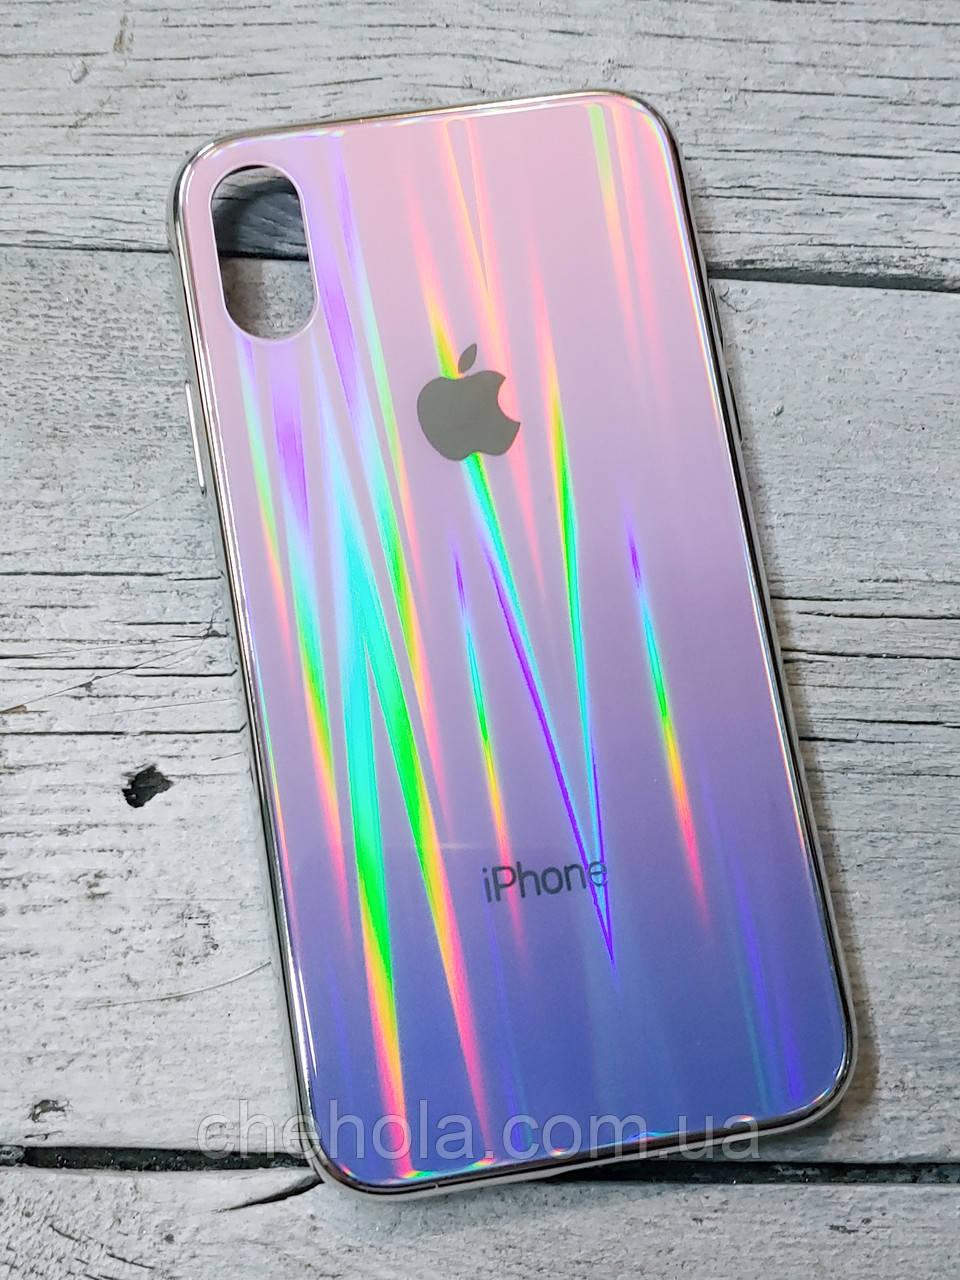 Скляний силіконовий чохол Iphone X XS з переливом протиударний відеоогляд